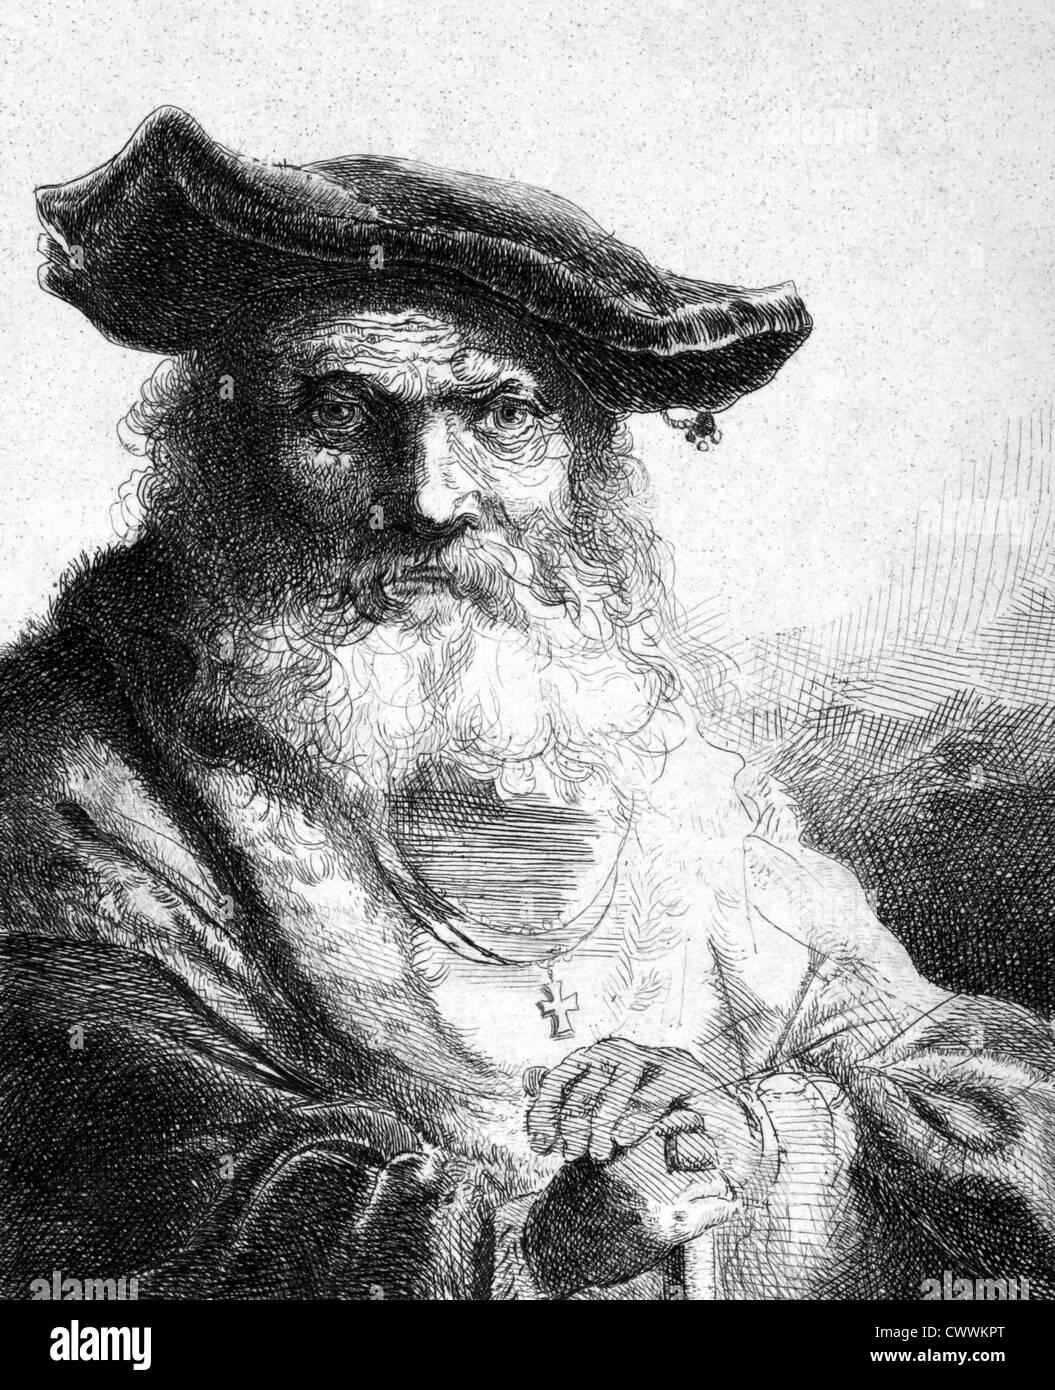 Ferdinand Bol (1616-1680) auf Kupferstich aus dem Jahr 1859. Niederländische Maler, Radierer und Zeichner. Stockbild